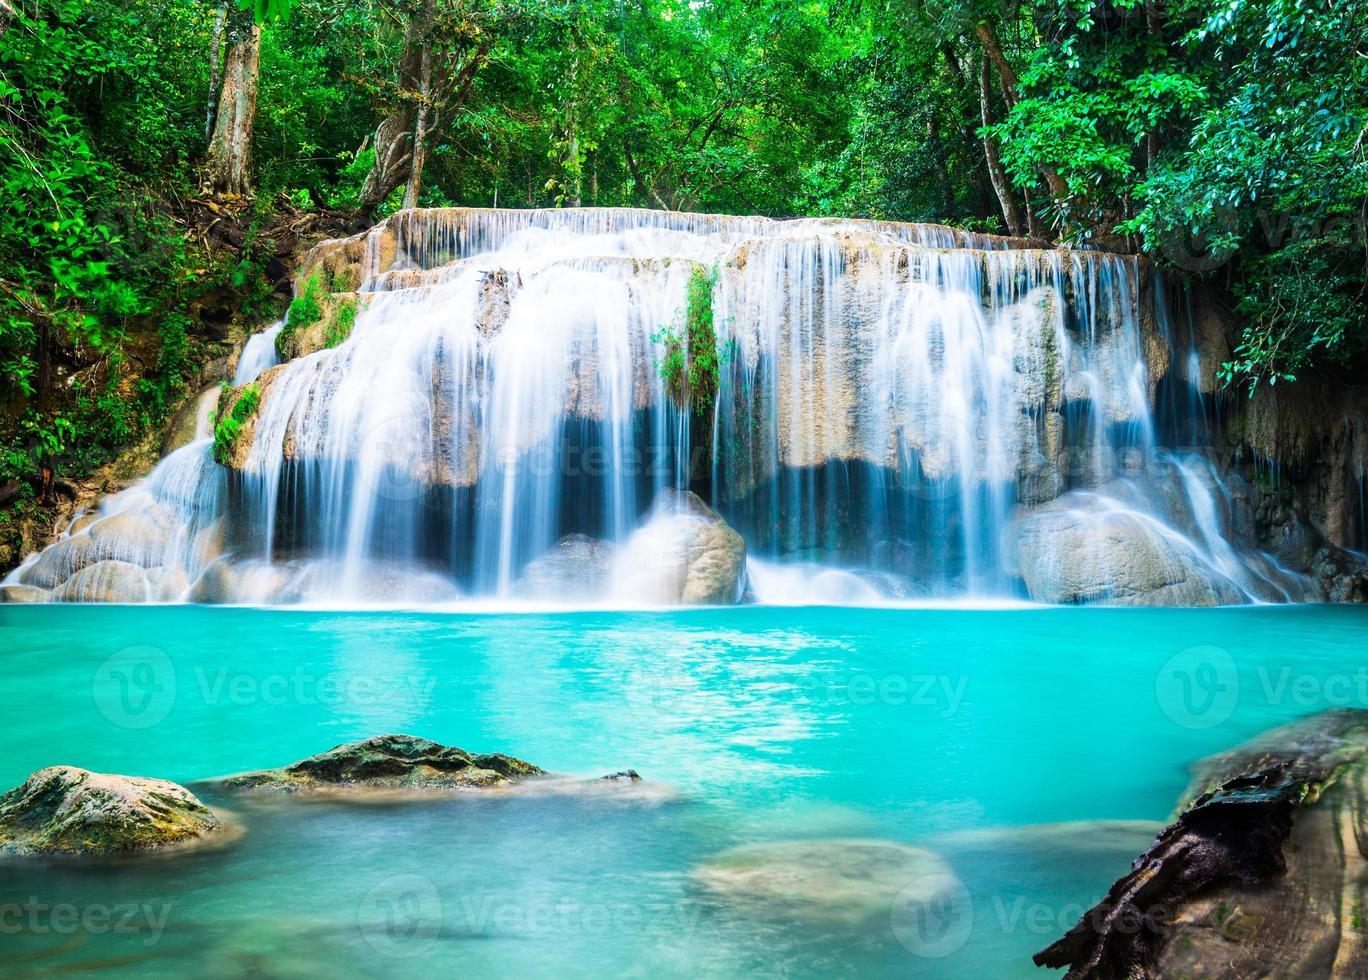 Wasserfall im Dschungel in der Provinz Kanchanaburi, Thailand foto